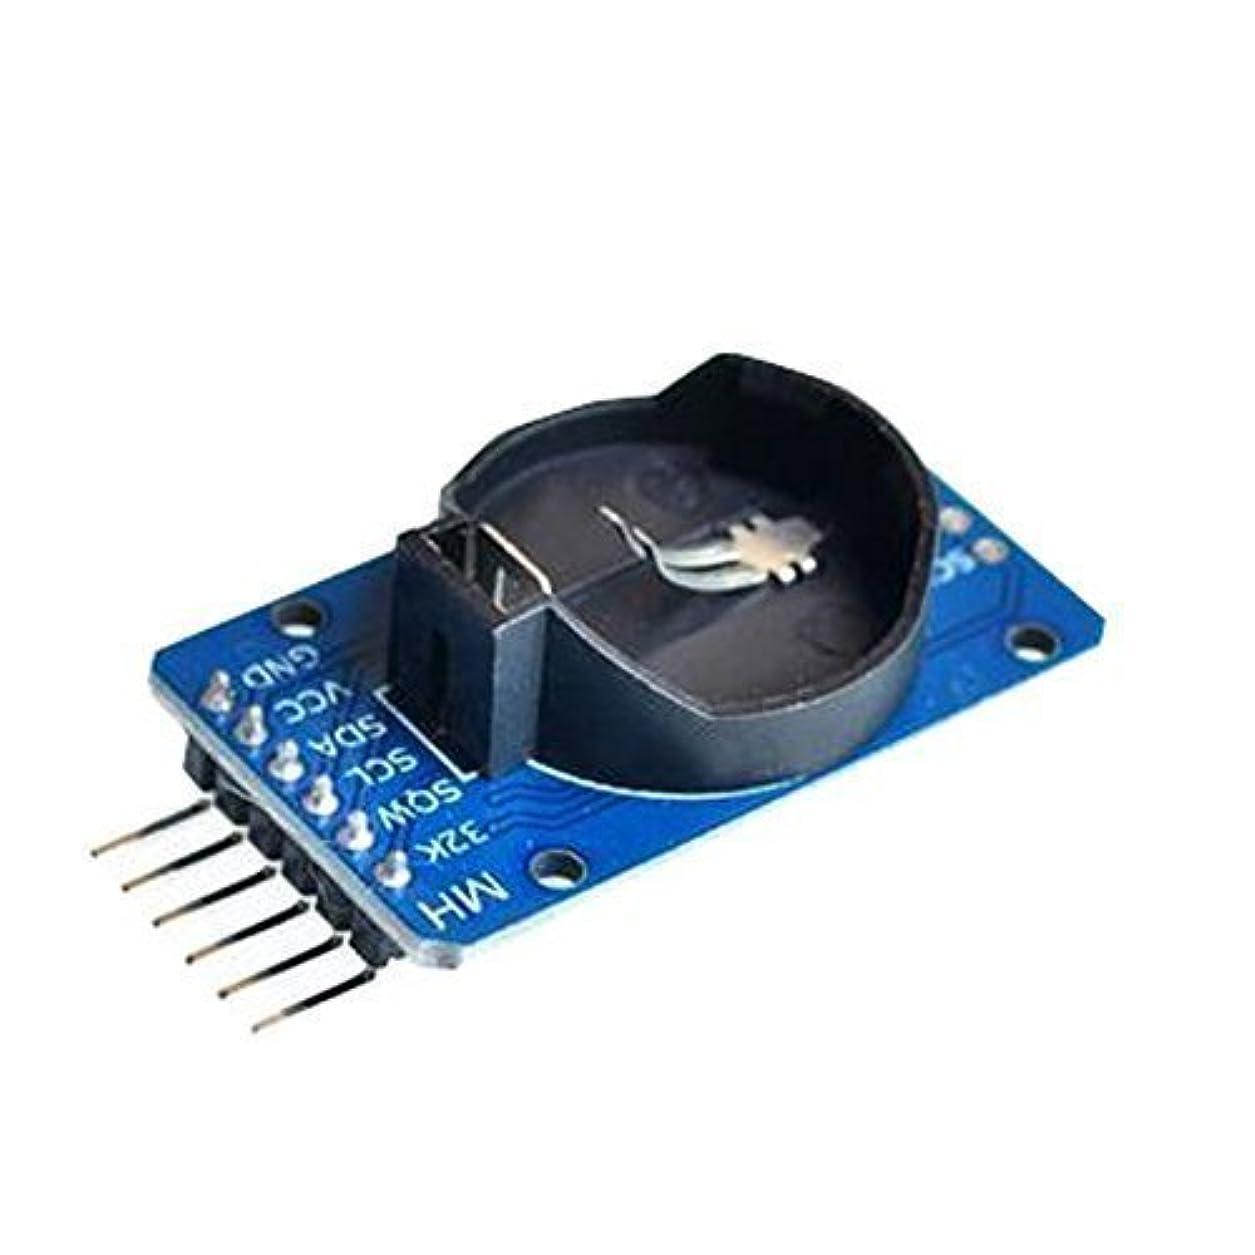 幾分俳句期限切れLOPNMEWQ DS3231 AT24C32 IICモジュールの高精度クロック?モジュールメモリモジュール